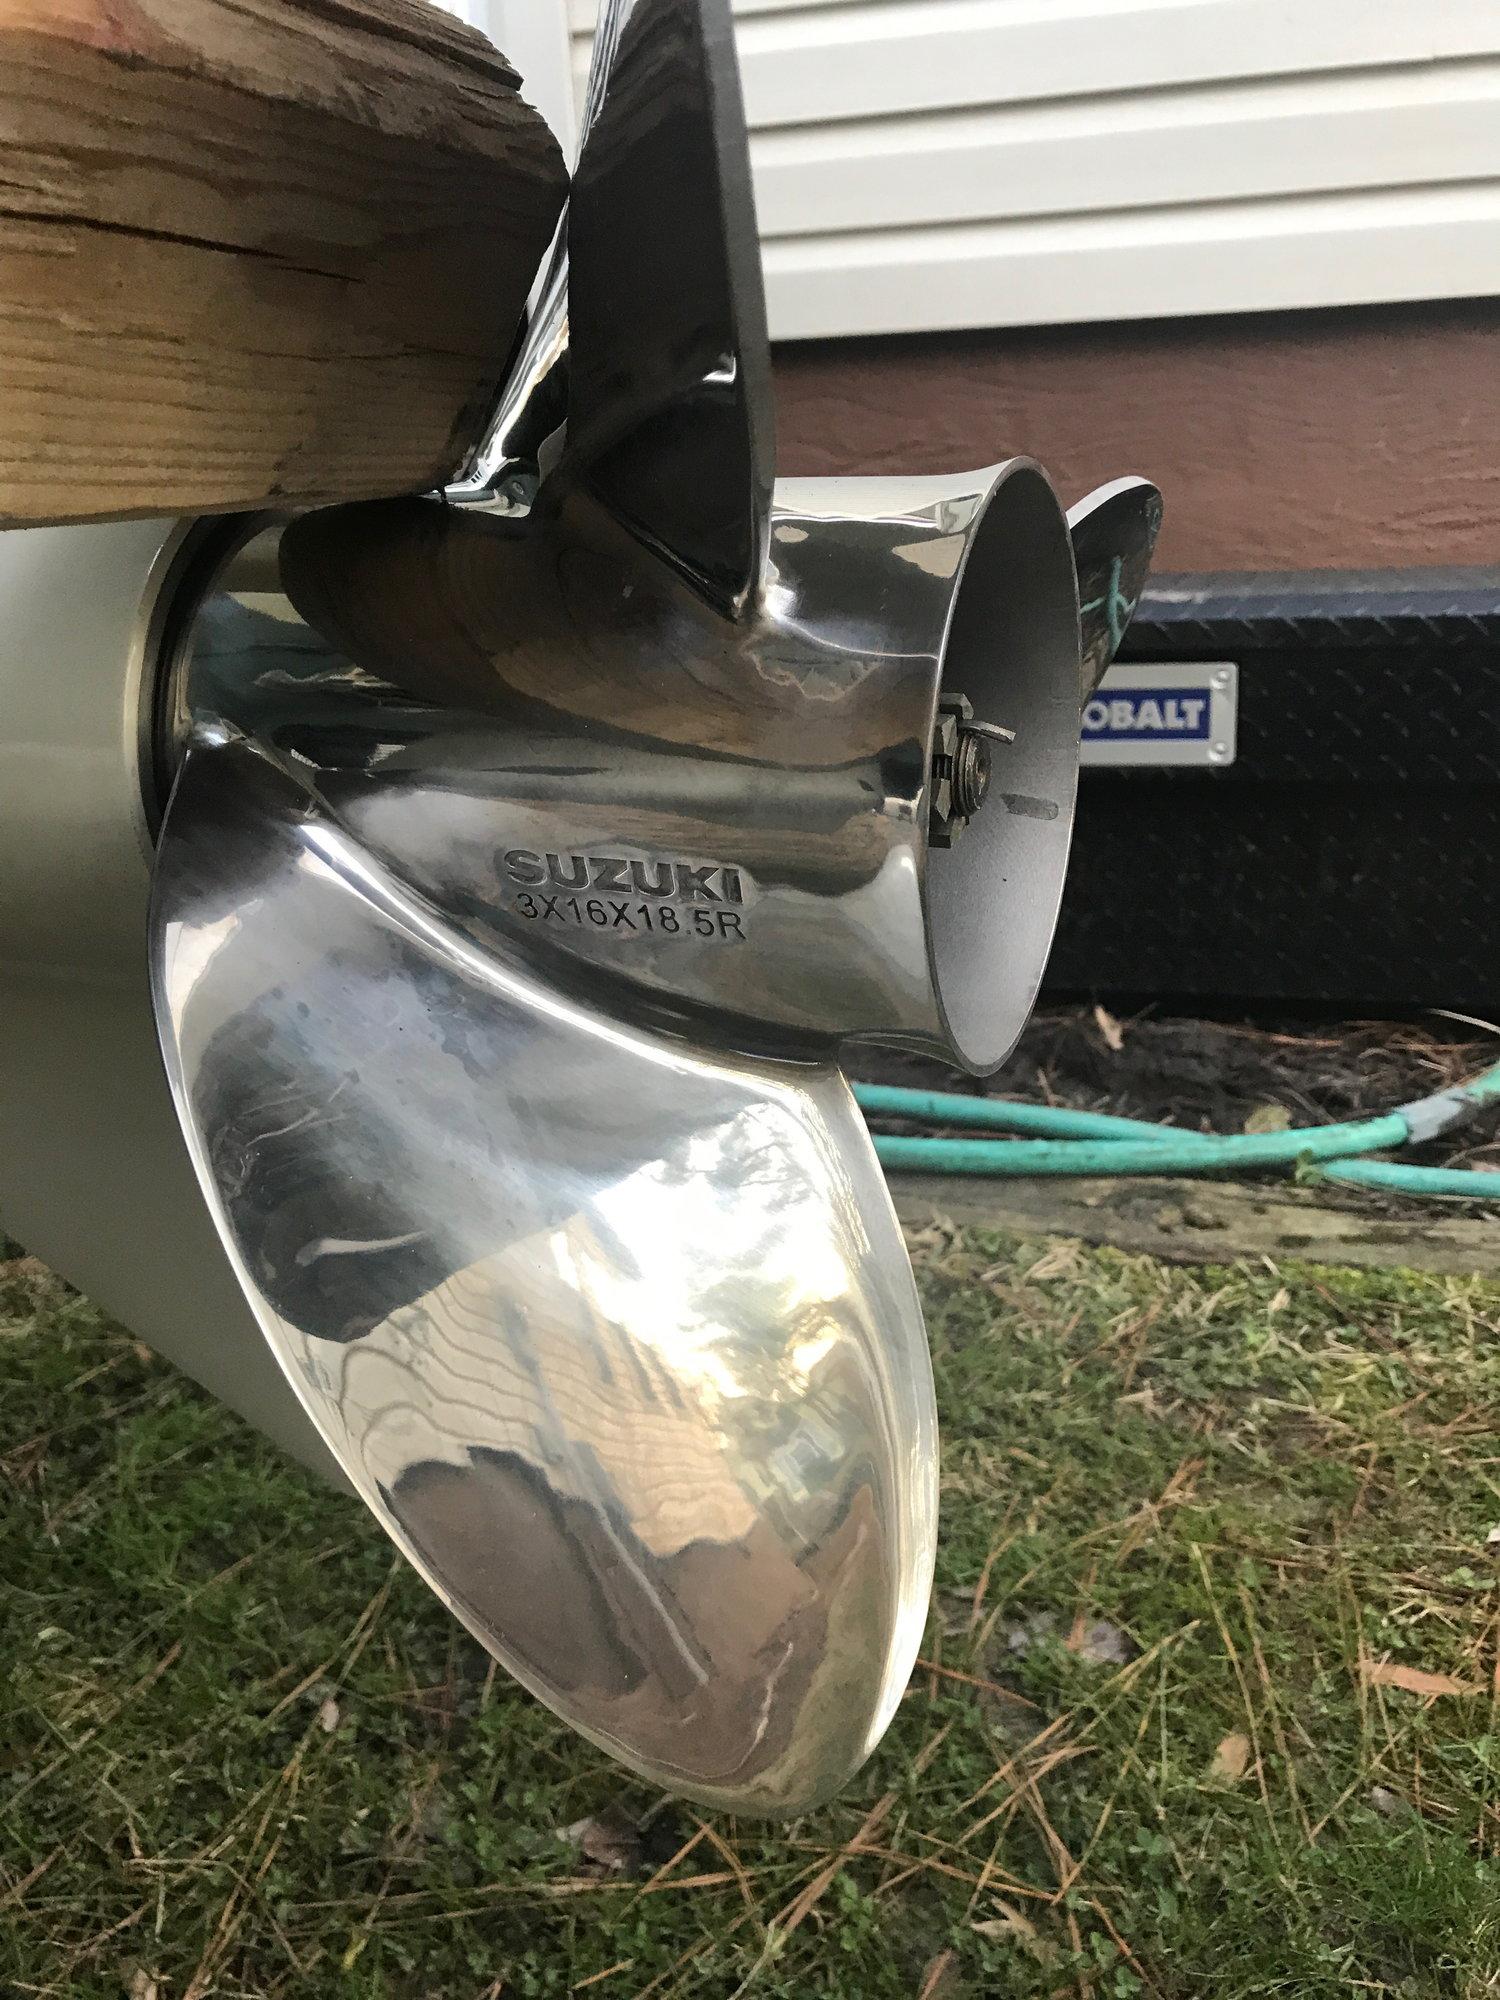 Suzuki 3x16x18 5 Prop Pair (R&L) - The Hull Truth - Boating